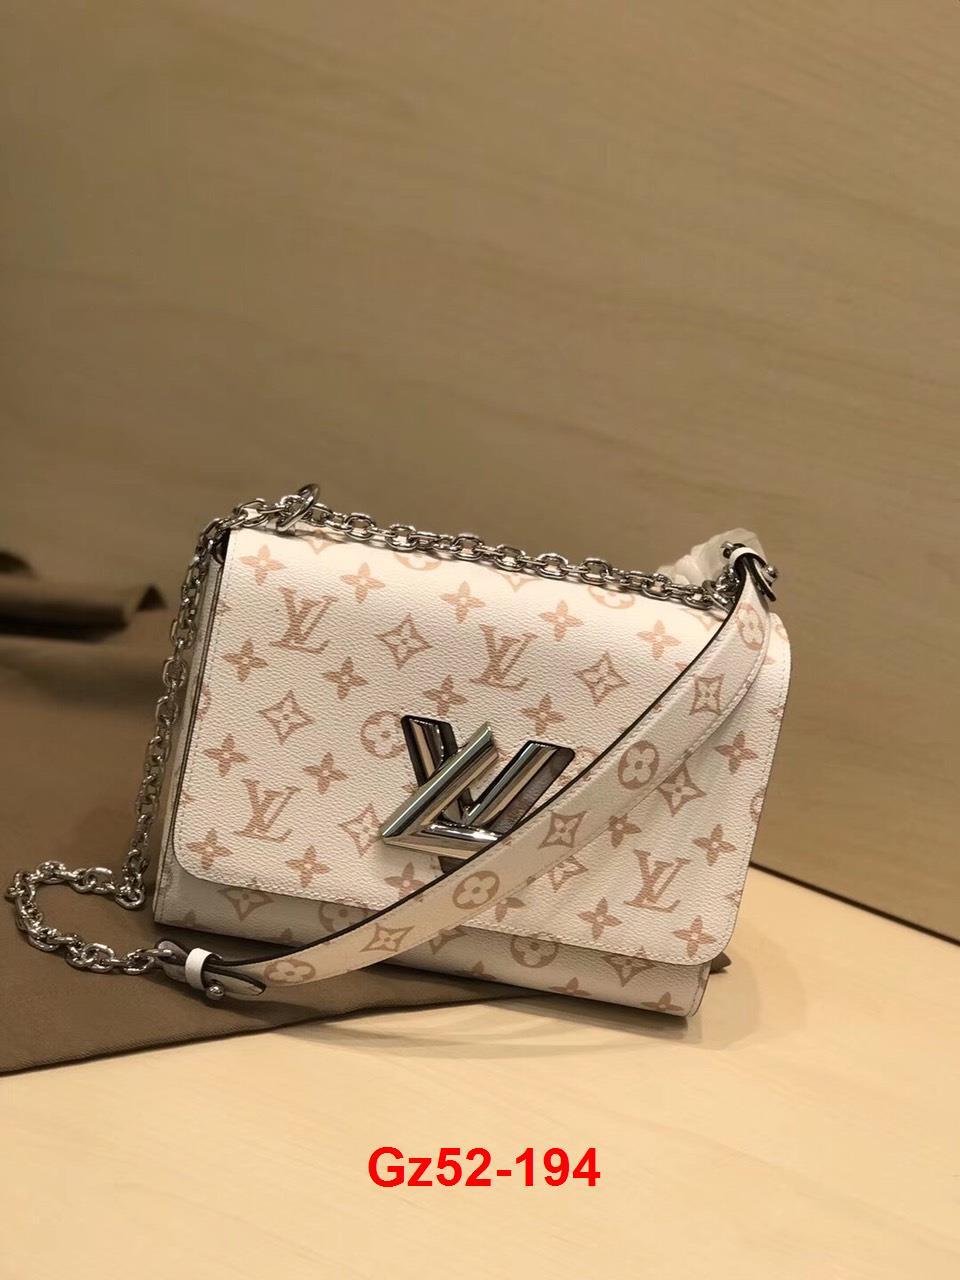 Gz52-194 Louis Vuitton túi size 18cm, 23cm siêu cấp